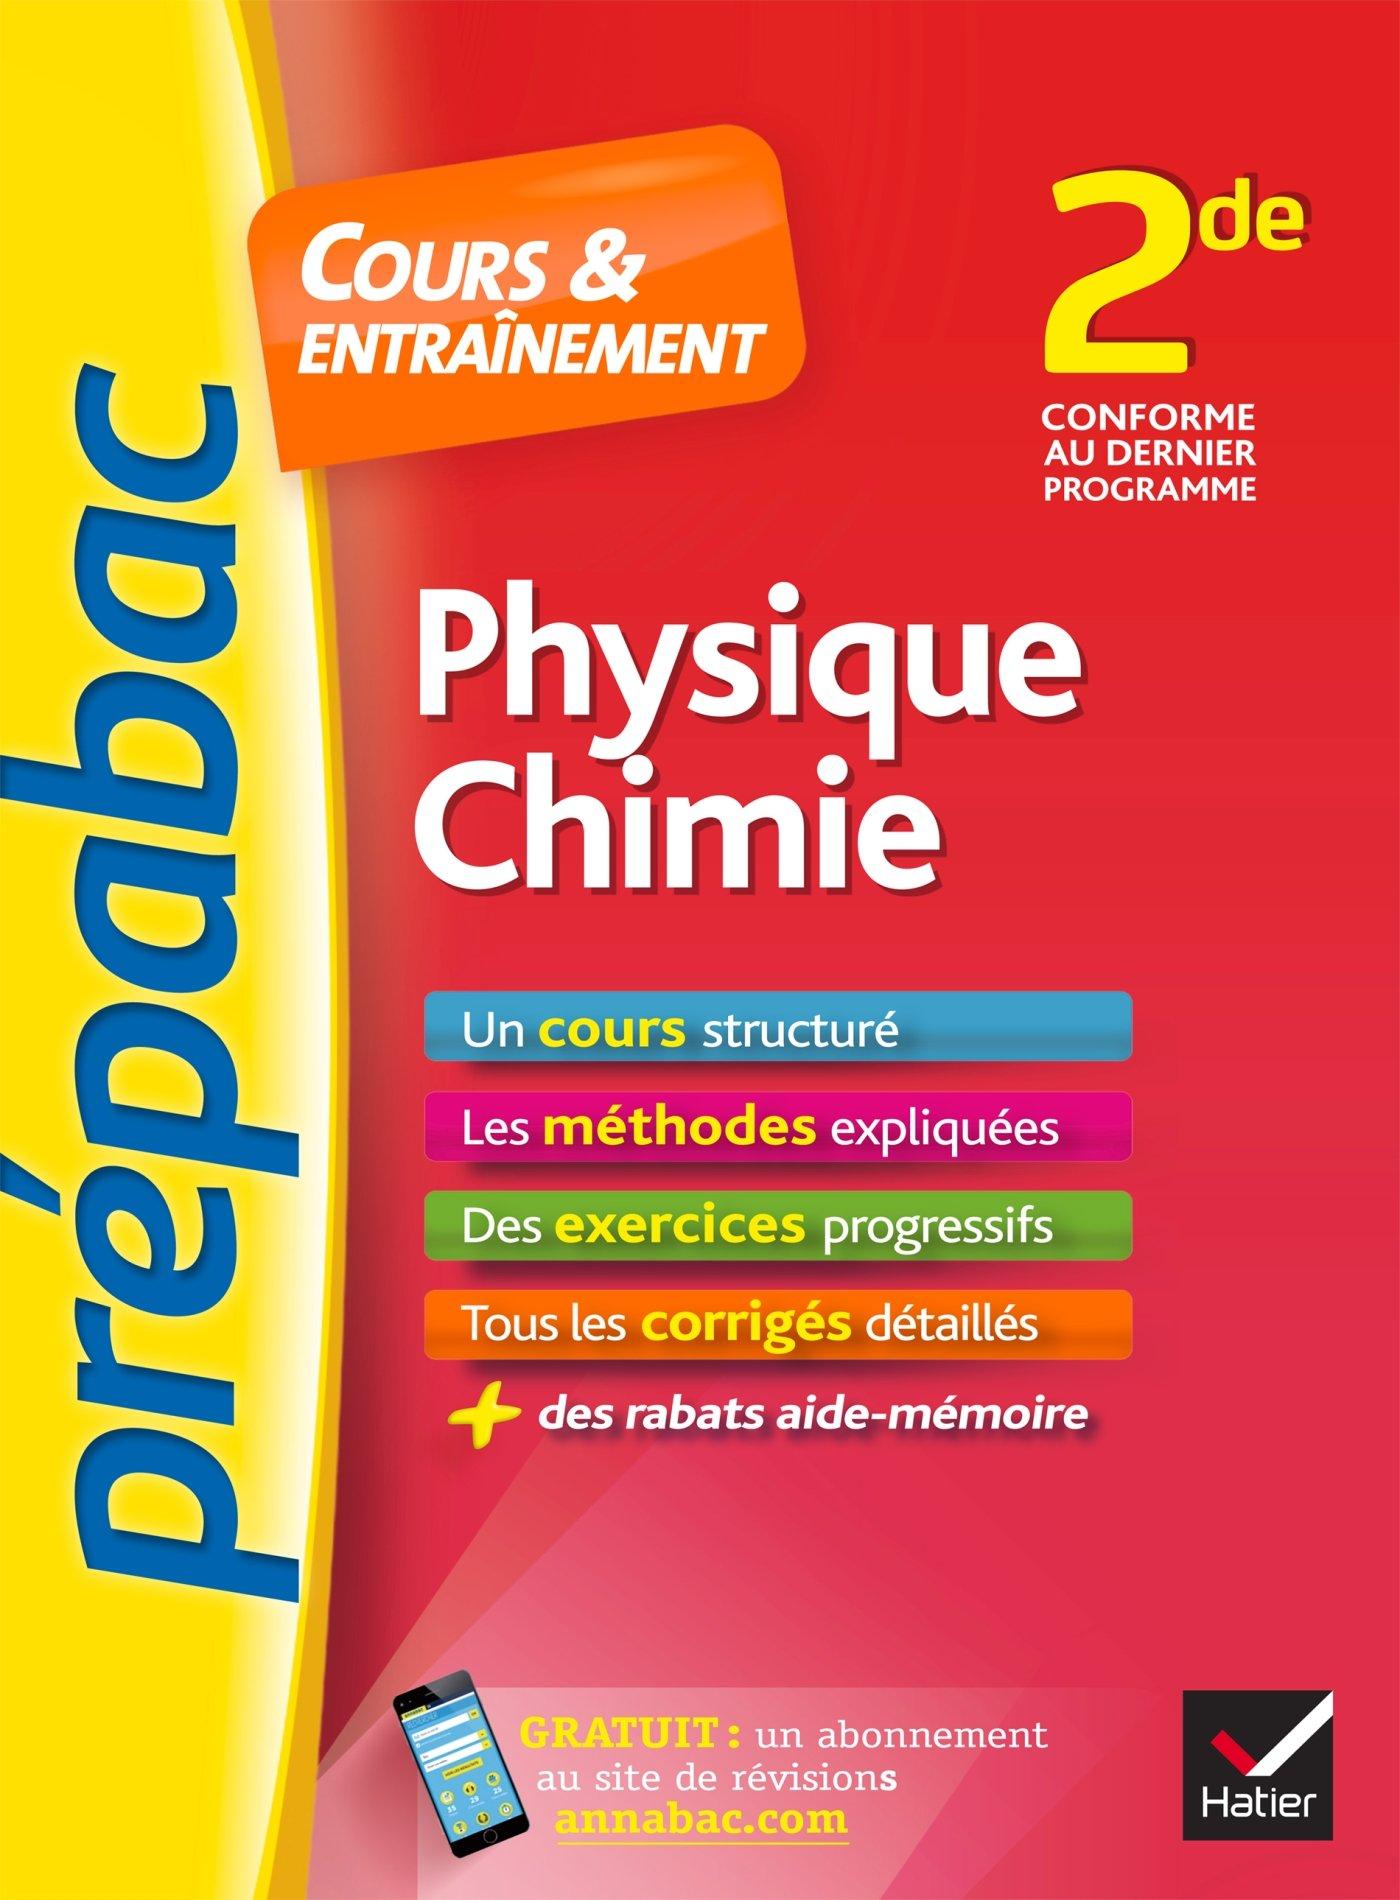 Physique Chimie 2de Prepabac Cours Entrainement Cours Methodes Et Exercices Progressifs Seconde Amazon Fr Royer Jacques Benguigui Nathalie Livres